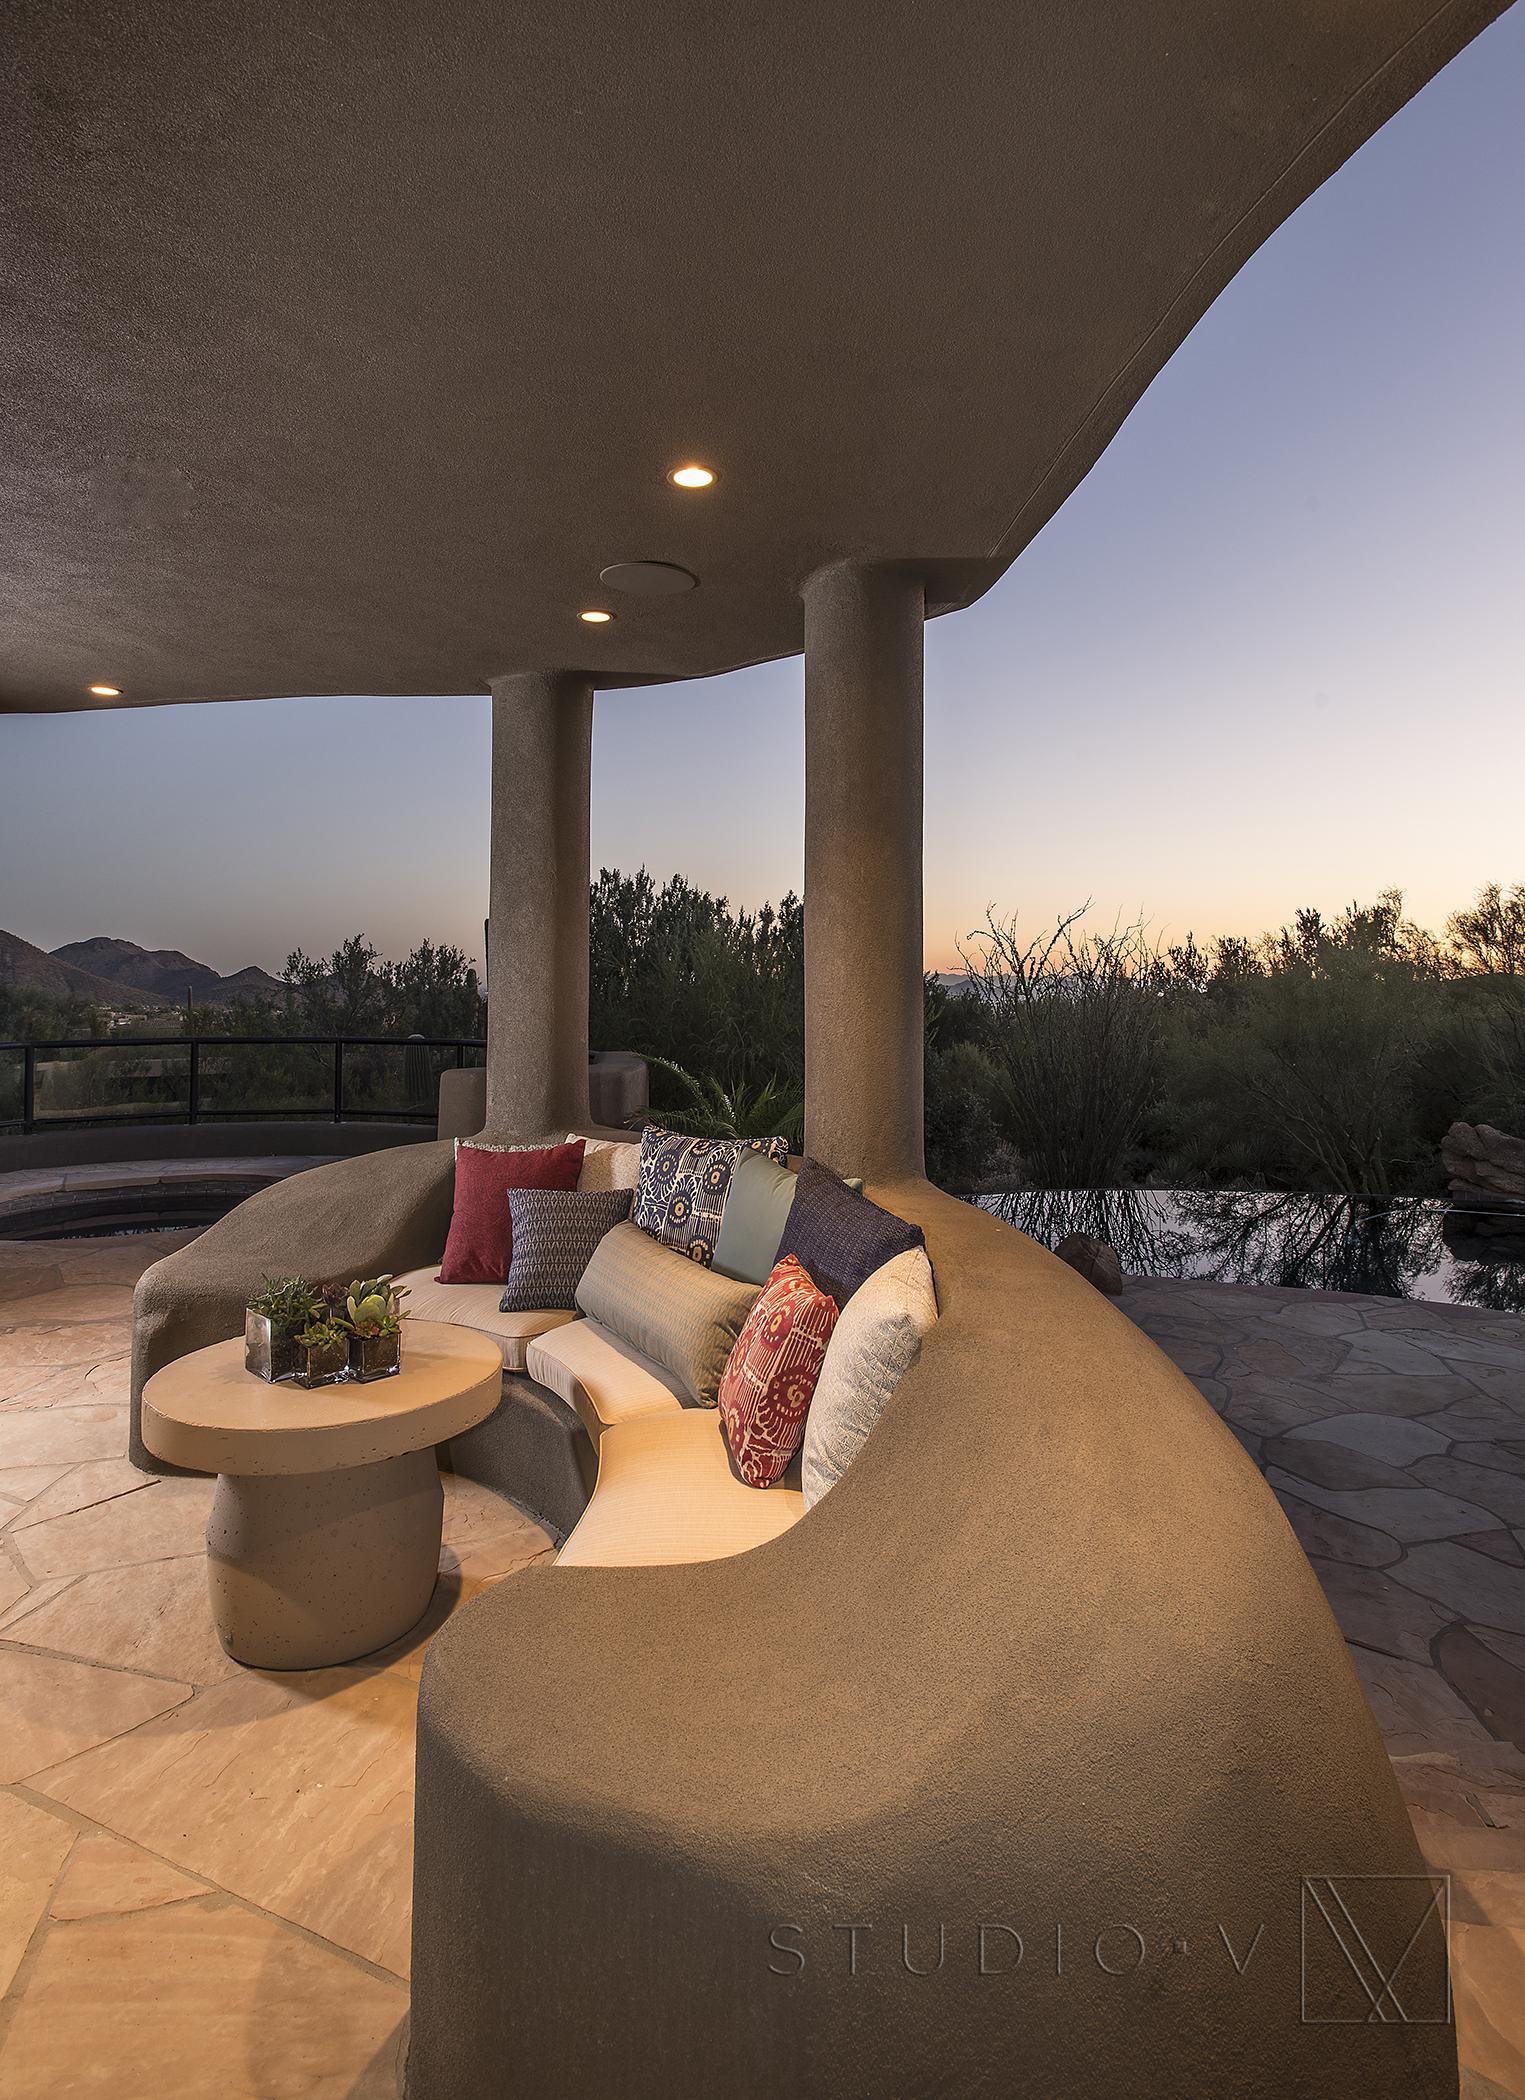 06_DSC_6299-1 Studio V Interiors Scottsdale AZ Arizona Interior Design.jpg